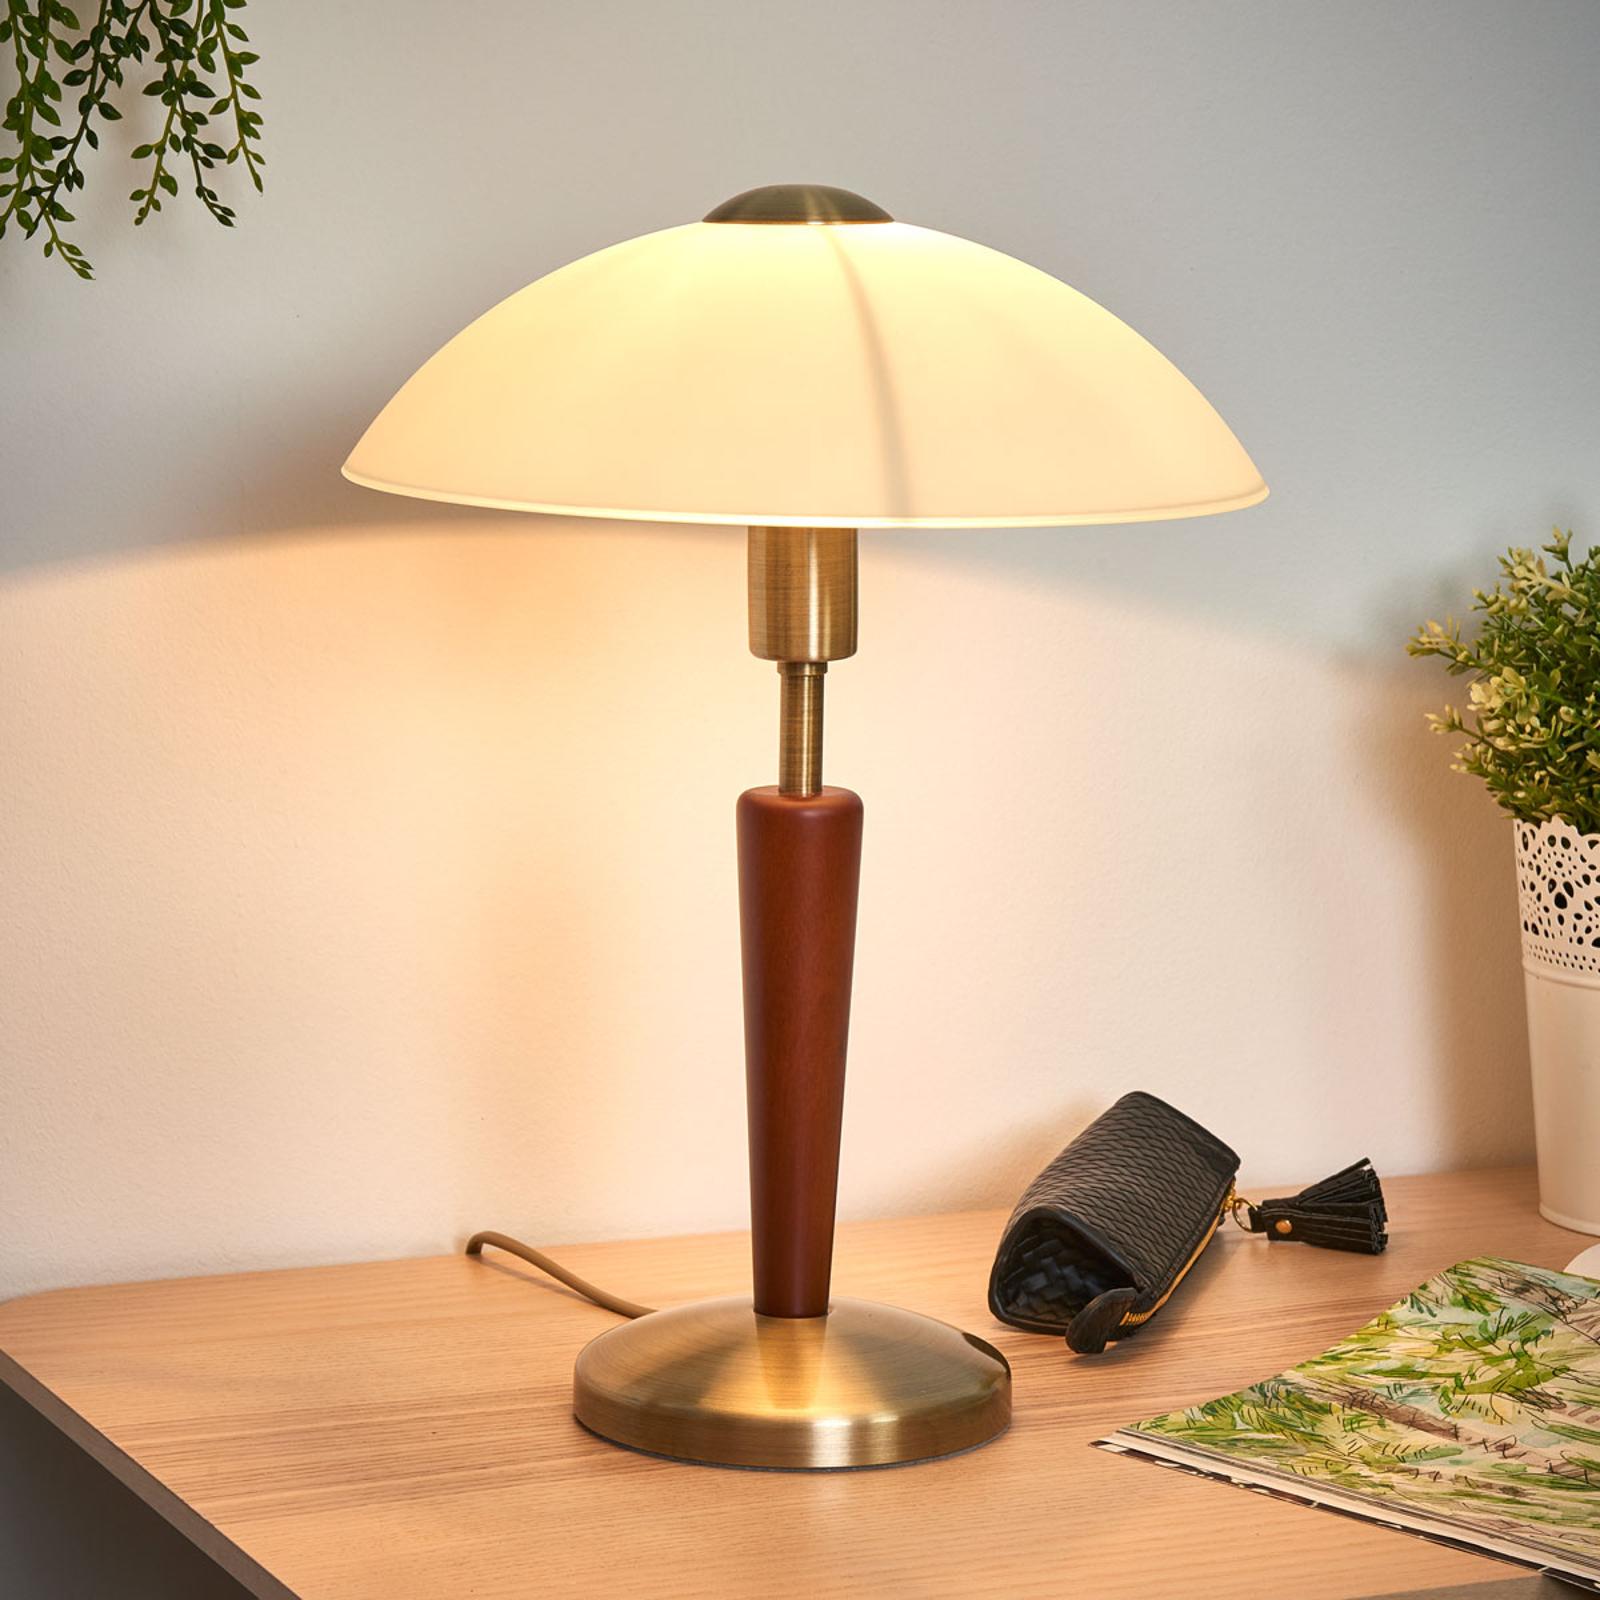 Hout-metaal-mix tafellamp Salut, gebruineerd, noot